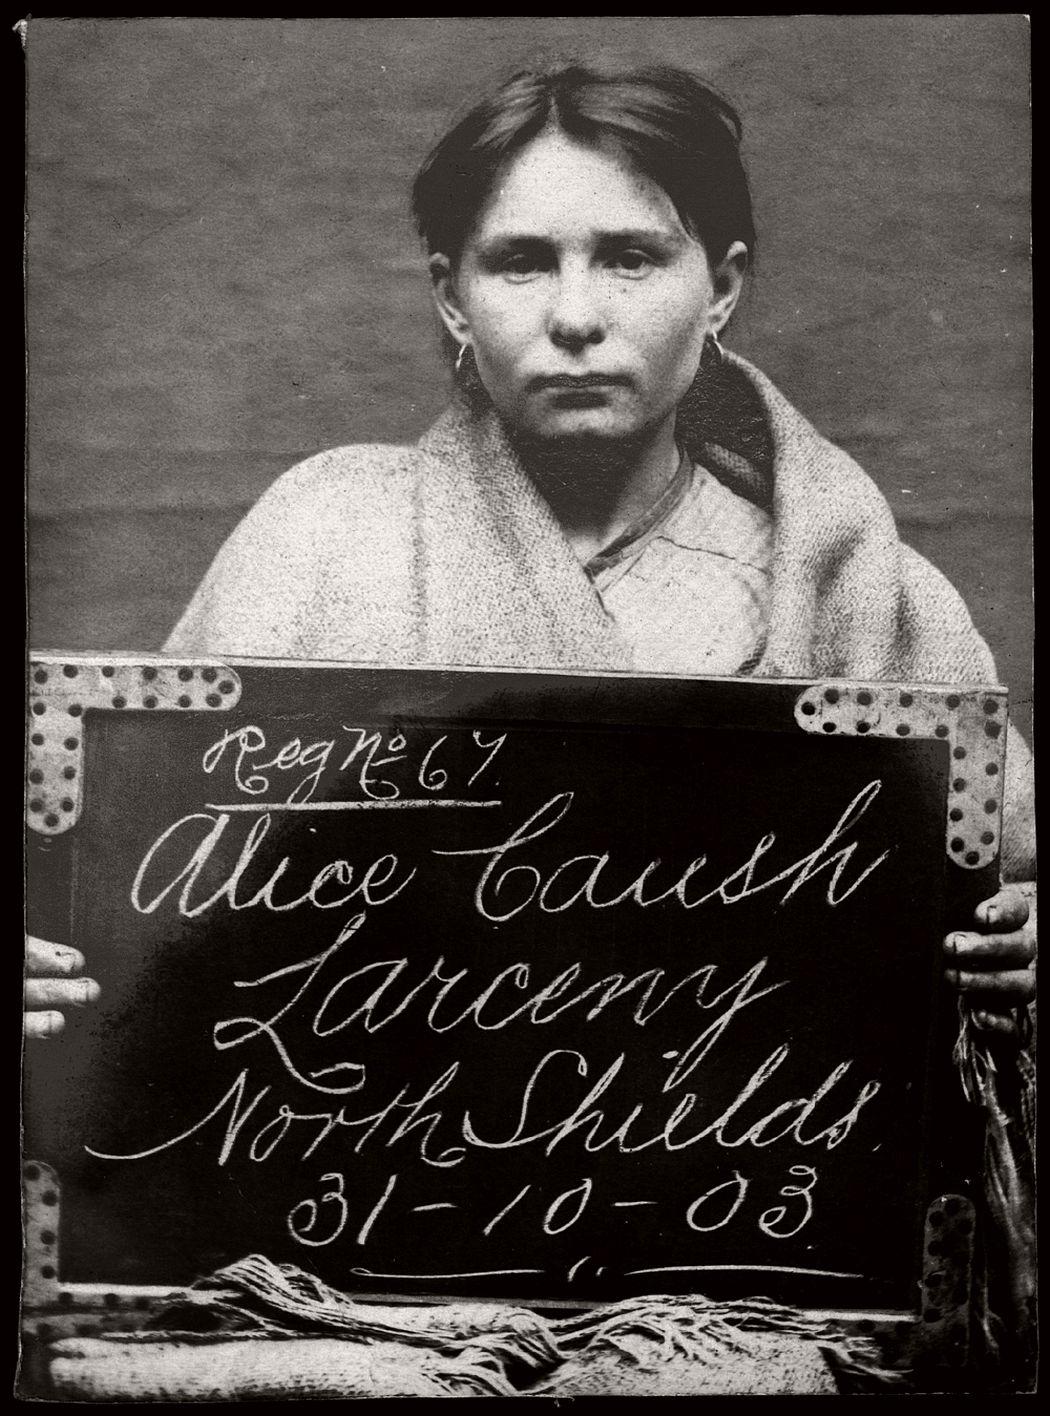 vintage-mug-shot-of-women-criminals-from-north-shields-1903-1905-08